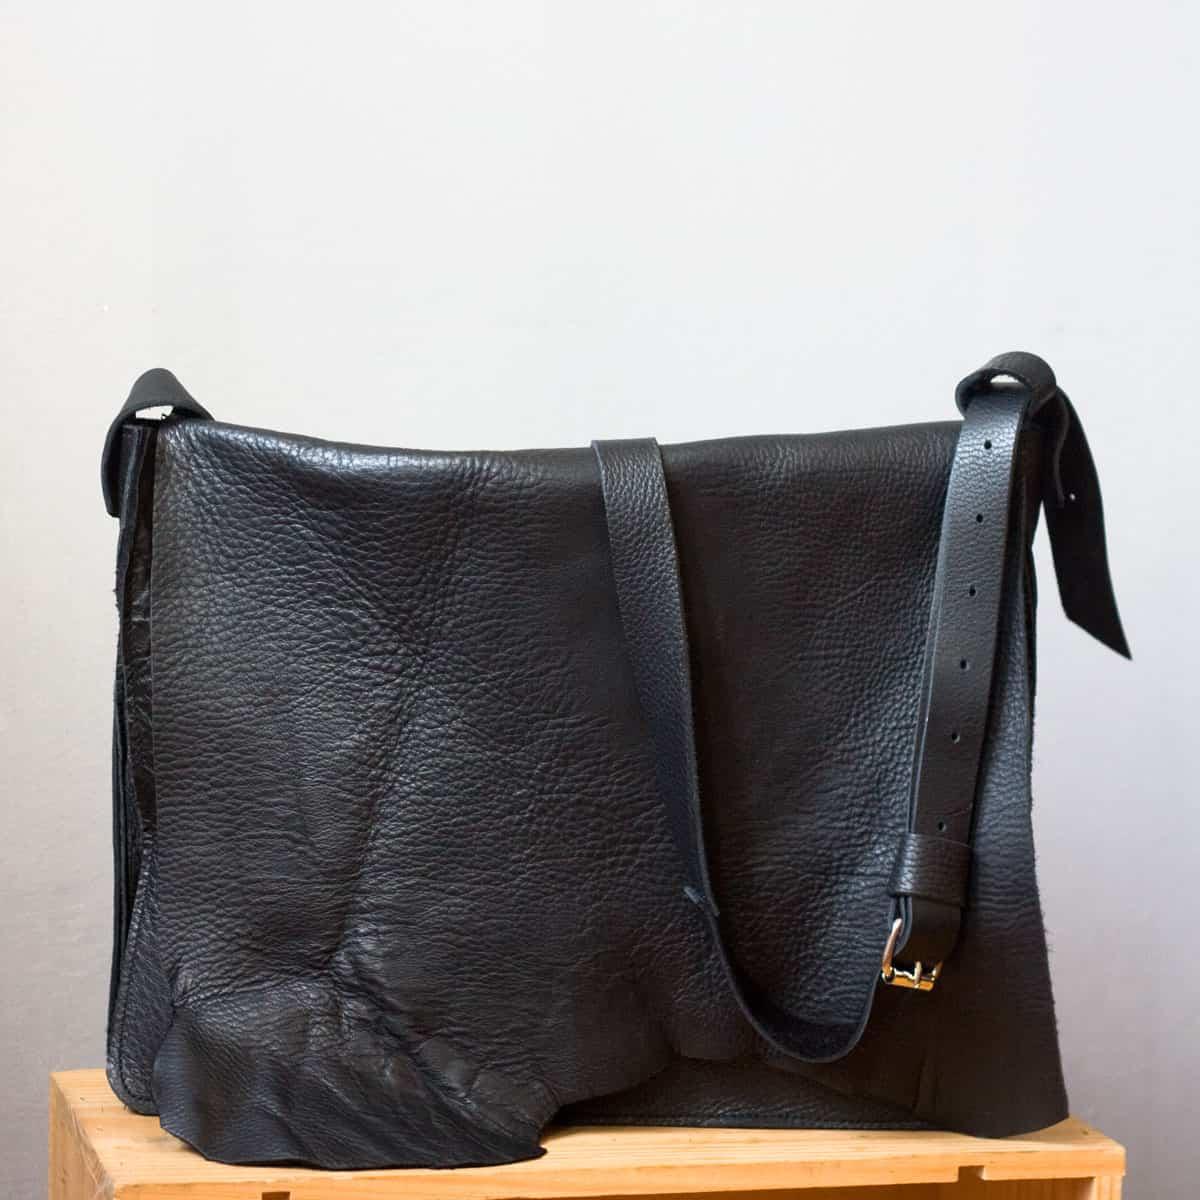 czarna-torba-na-pasku01a